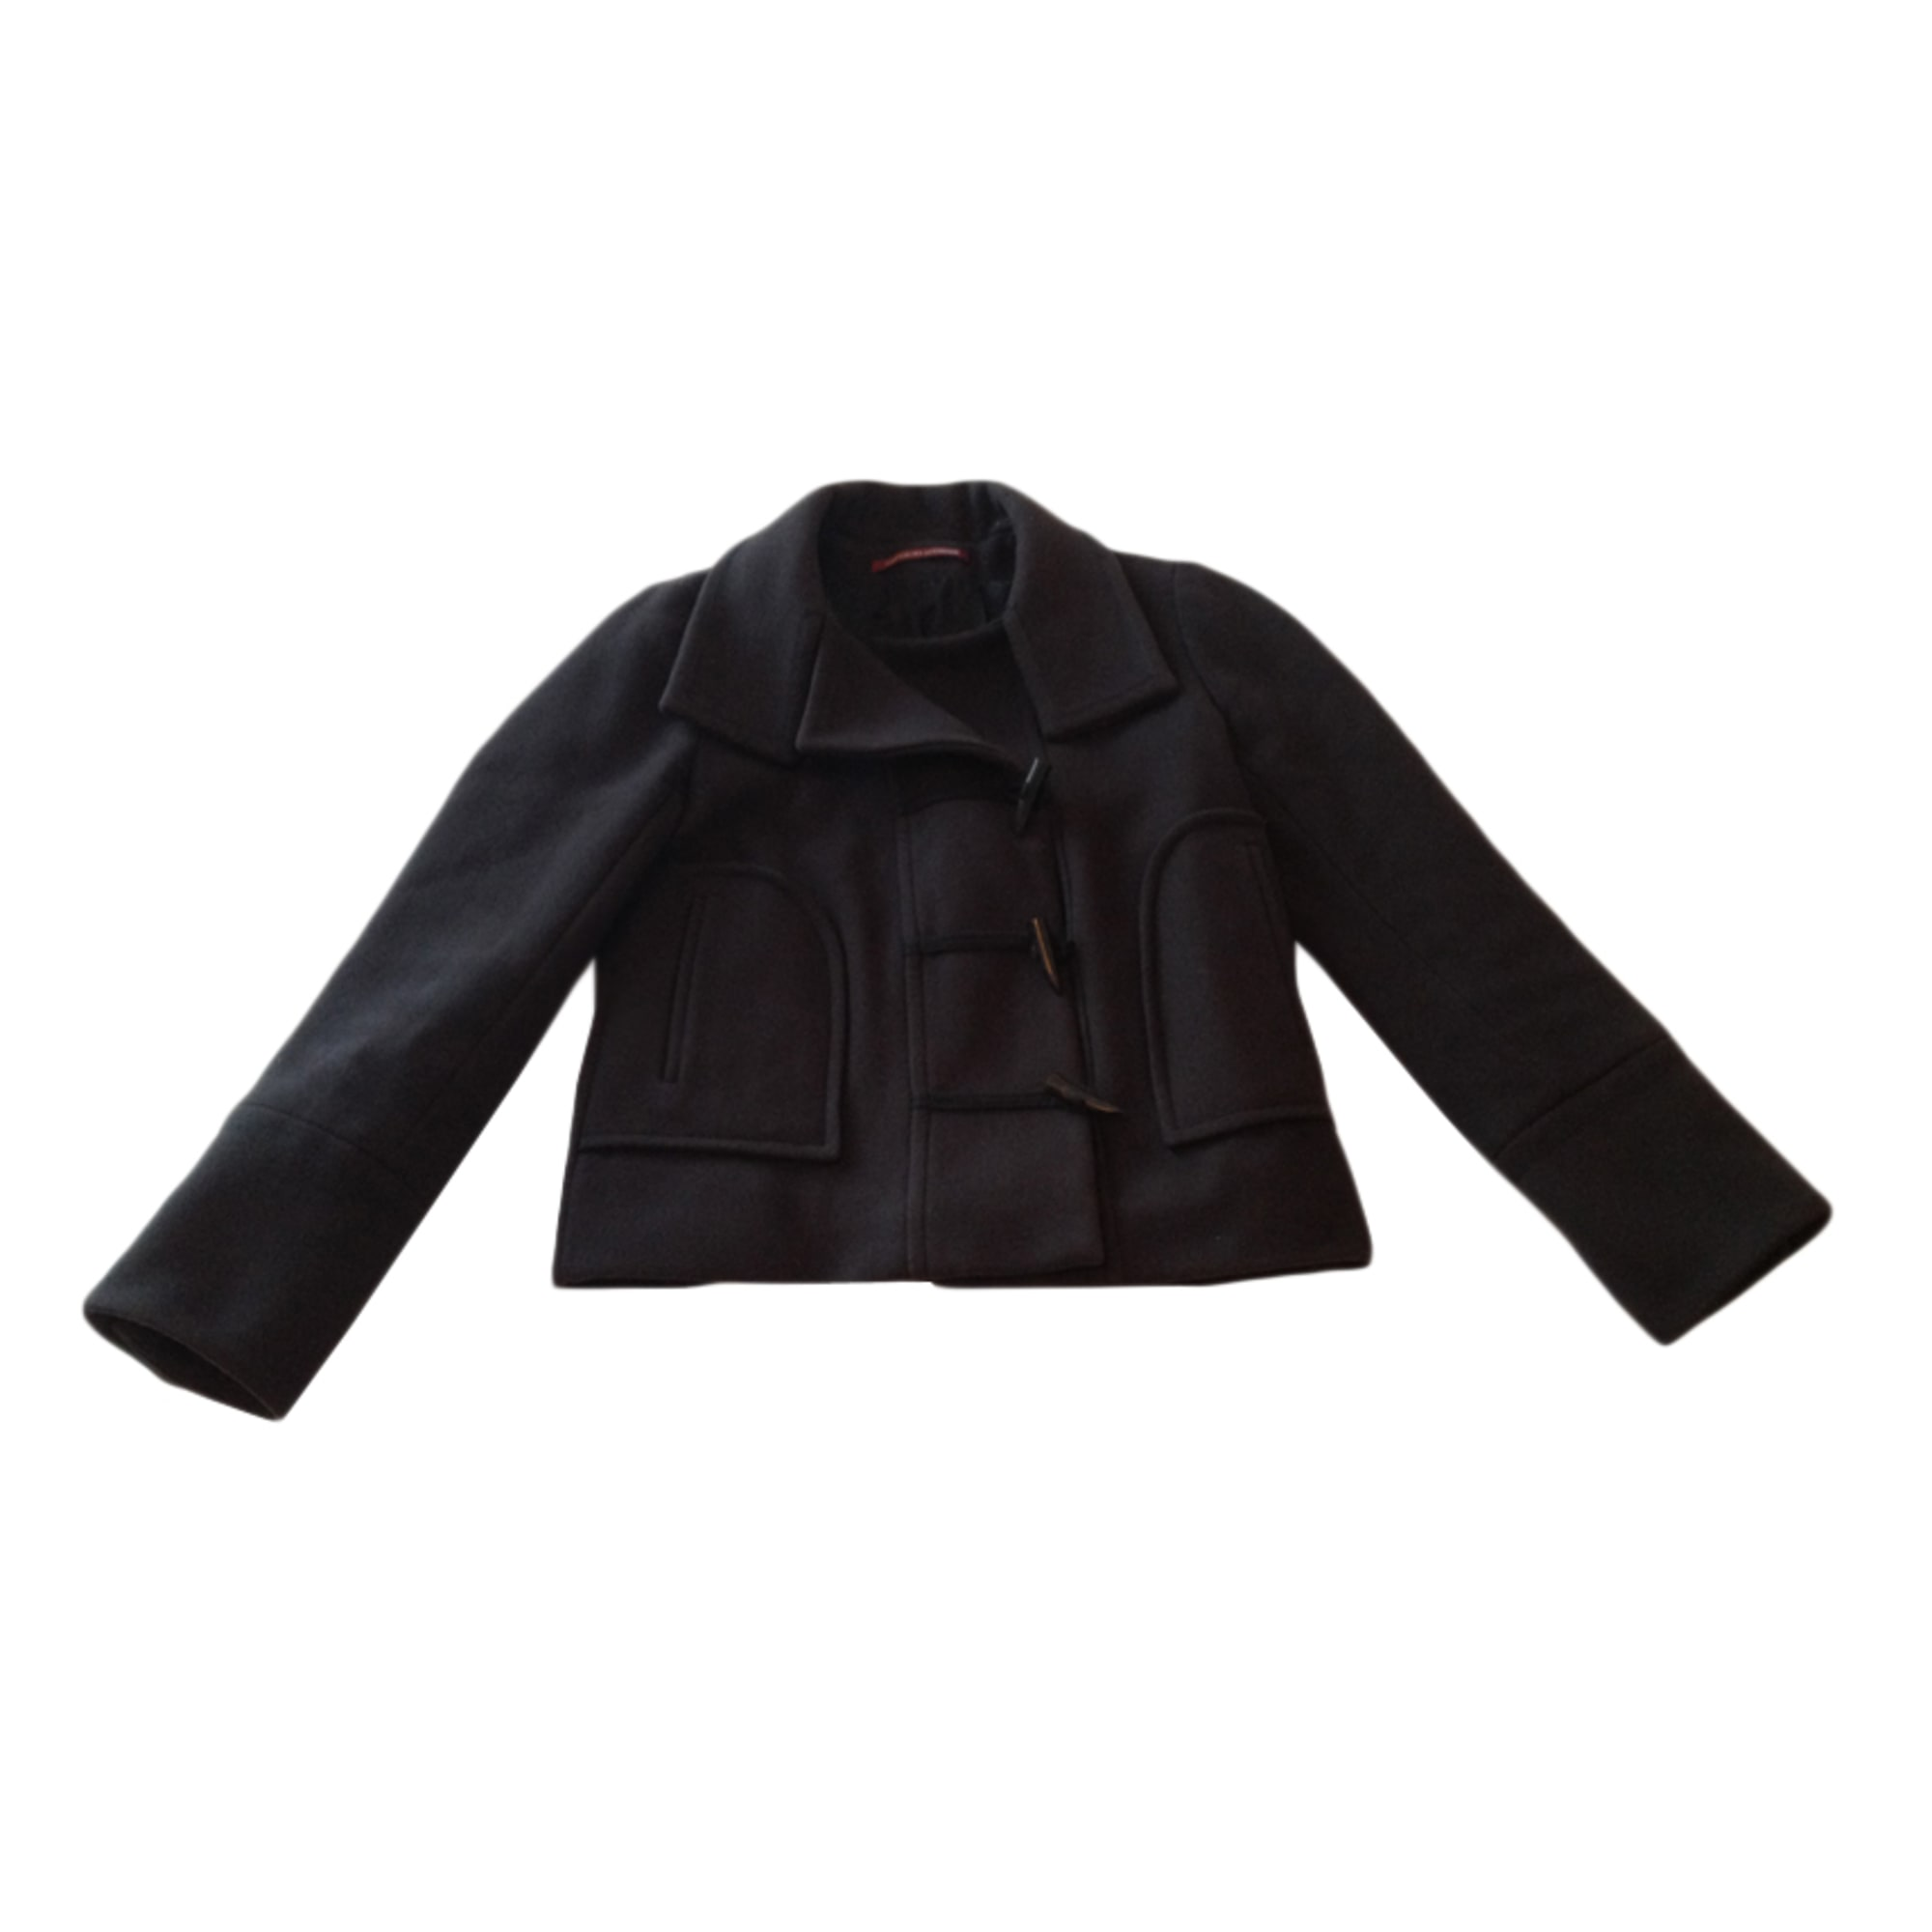 Paletot jacket comptoir des cotonniers 38 m t2 gray 4000482 - Comptoir des cotonniers rennes ...